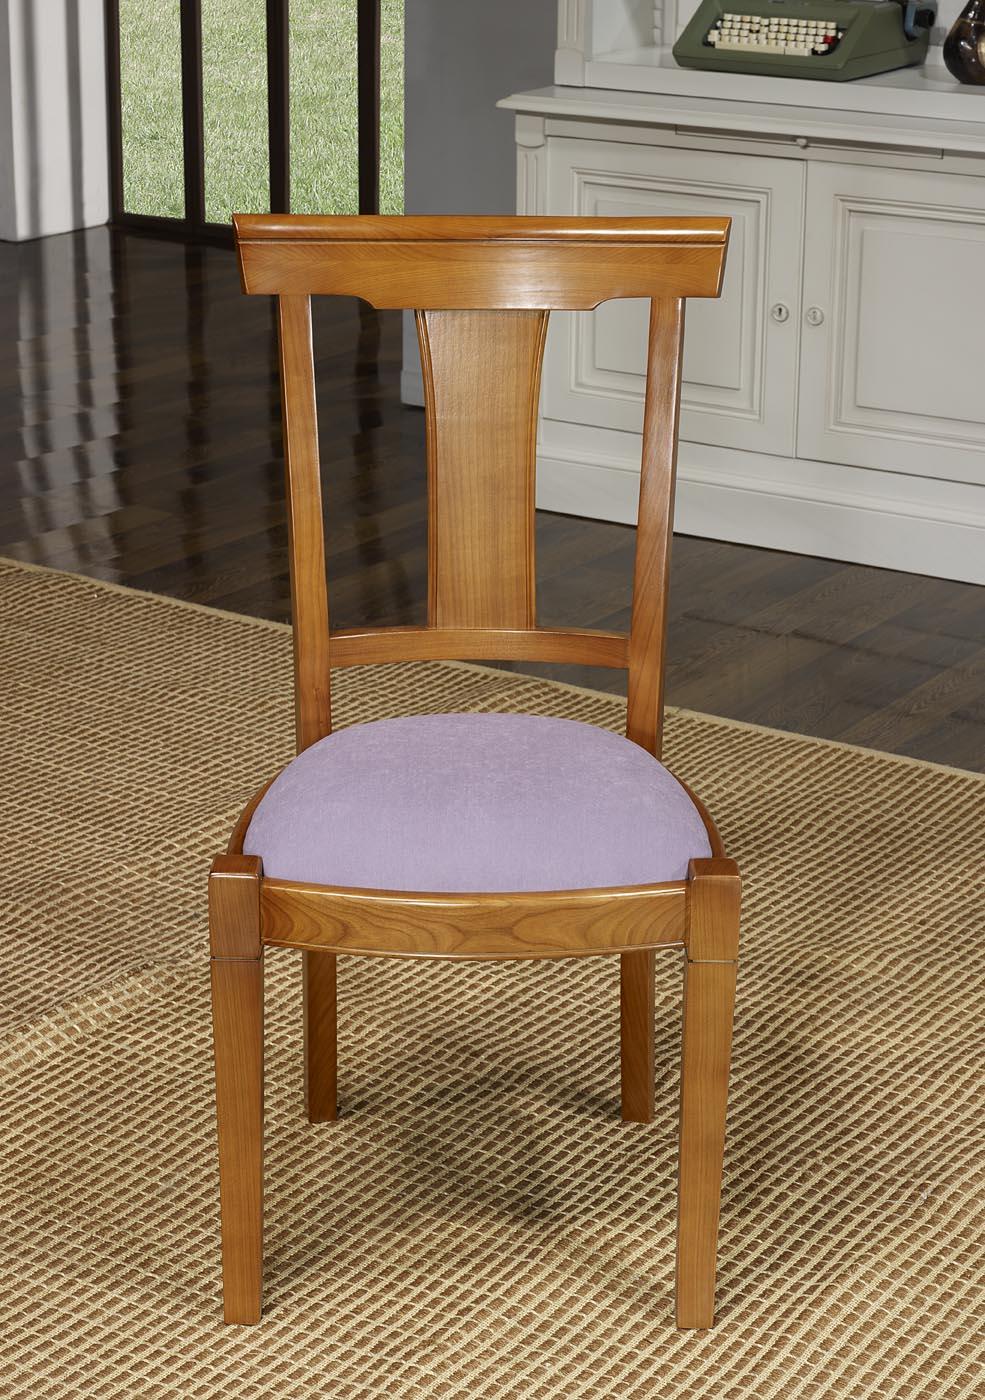 chaise lou en merisier massif de style louis philippe tissu ameublement meuble en merisier. Black Bedroom Furniture Sets. Home Design Ideas